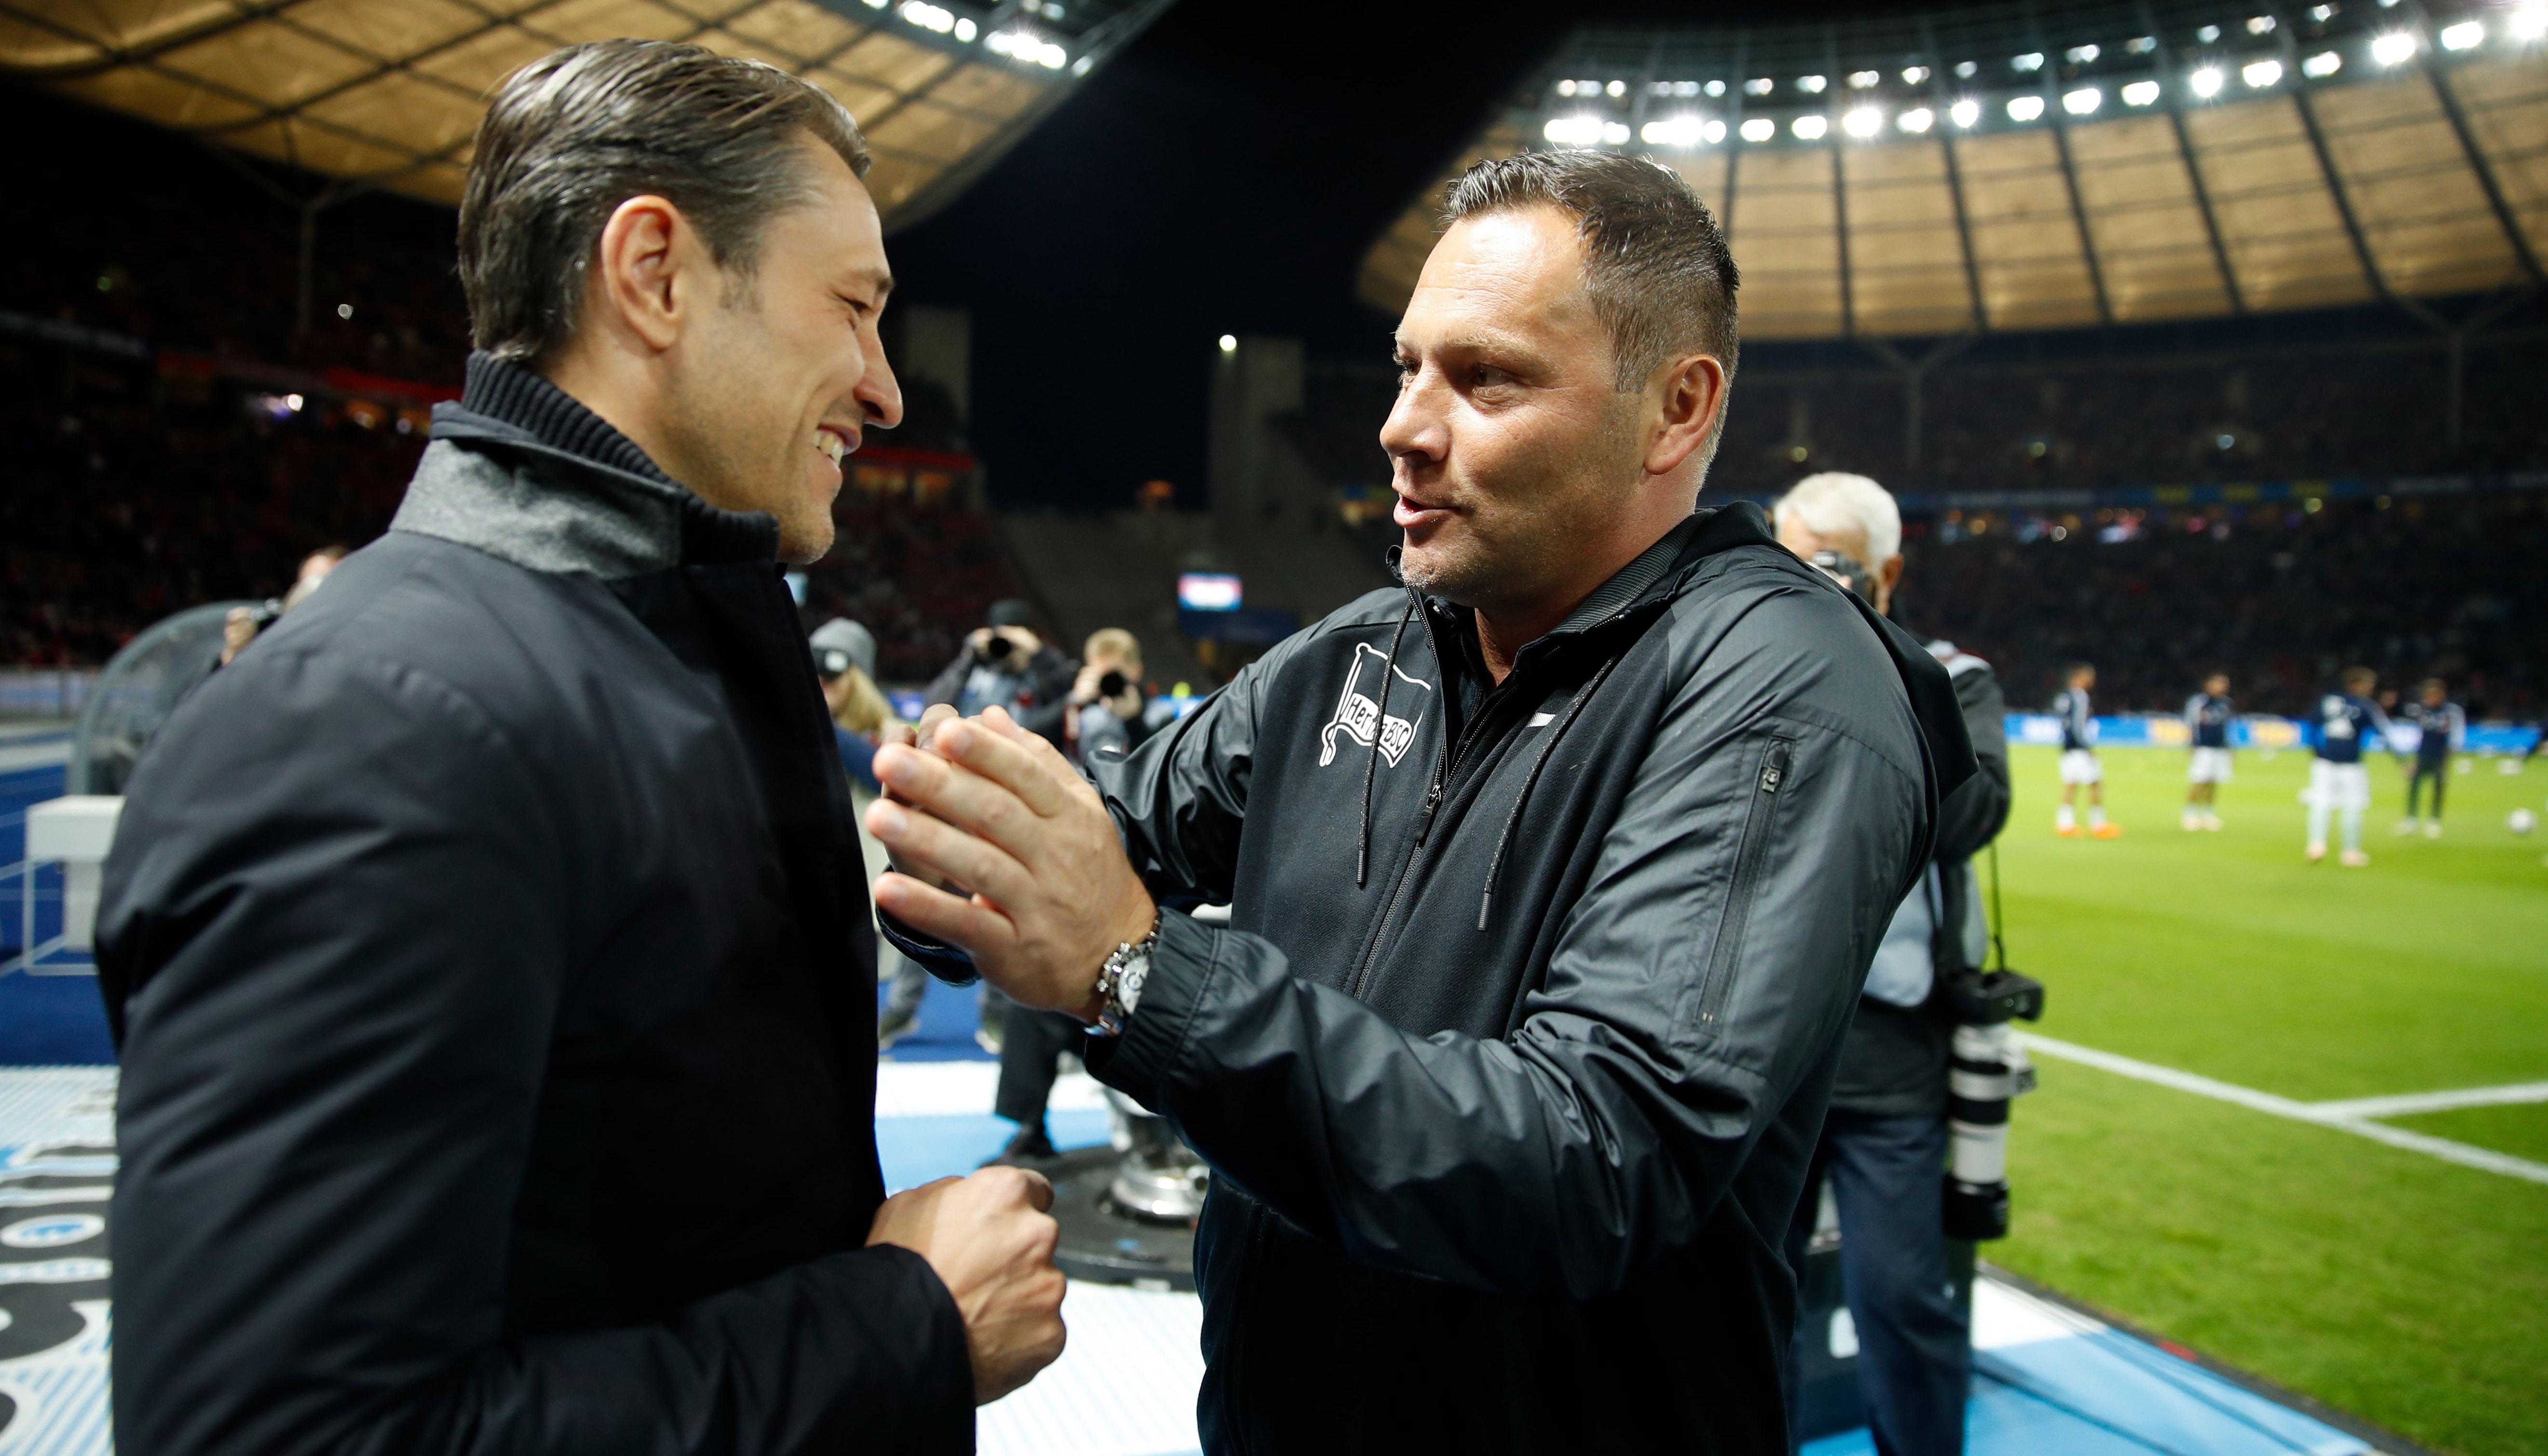 DFB Pokal-Auslosung: Die Bayern fahr'n schon nach Berlin